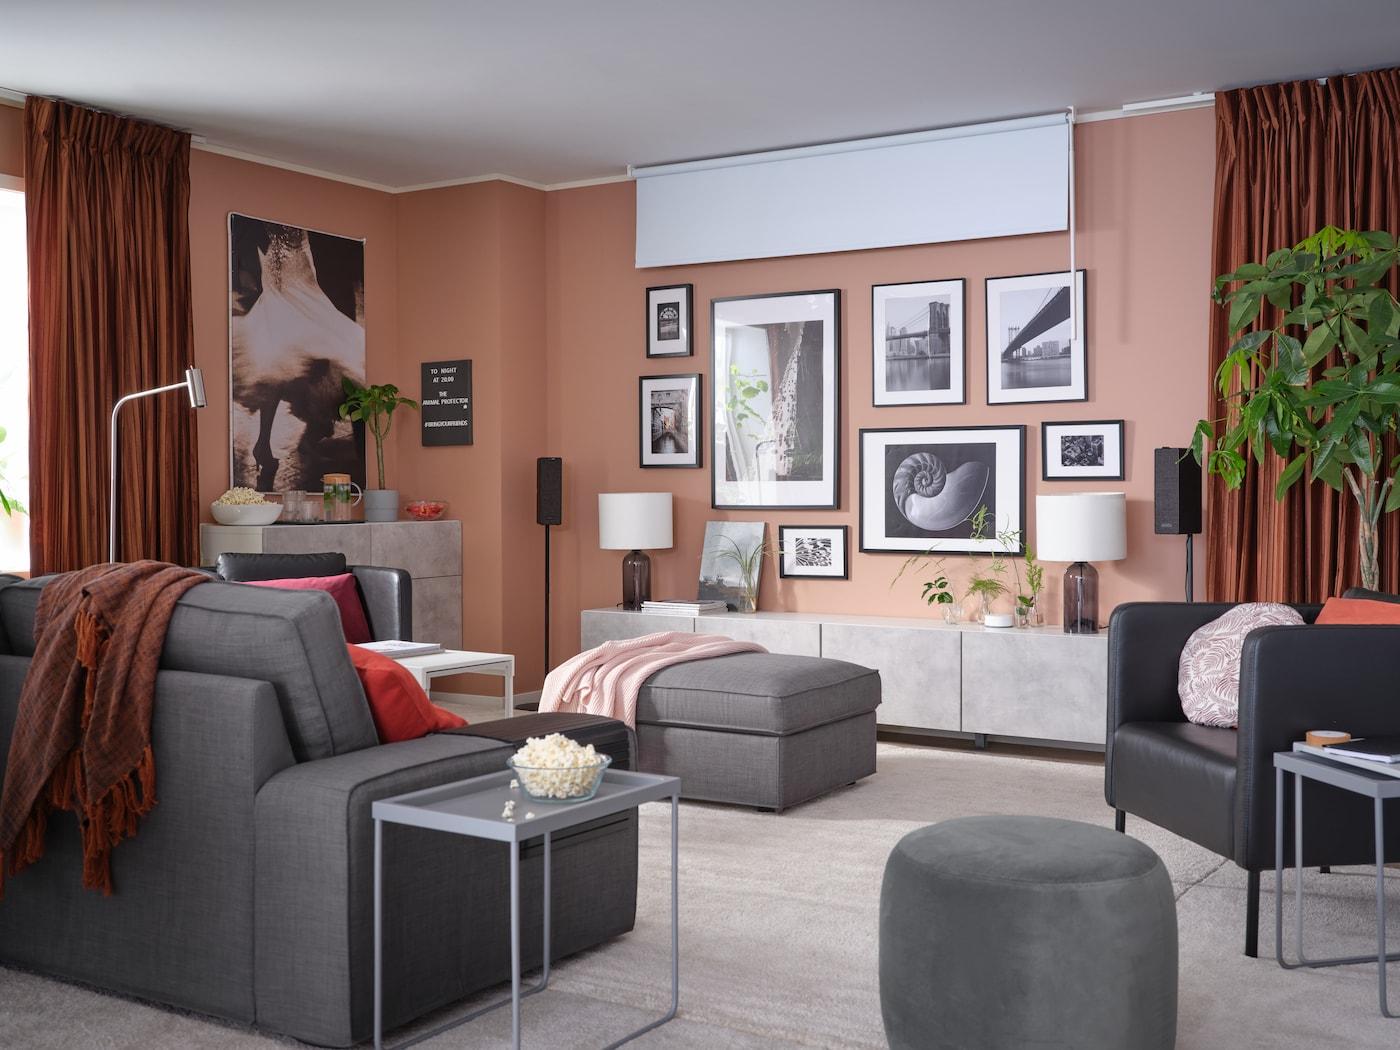 Vardagsrum med en vägg med inramad konst, mörkläggande rullgardin, rumsförmörkande gardiner och 3-sitssoffa.